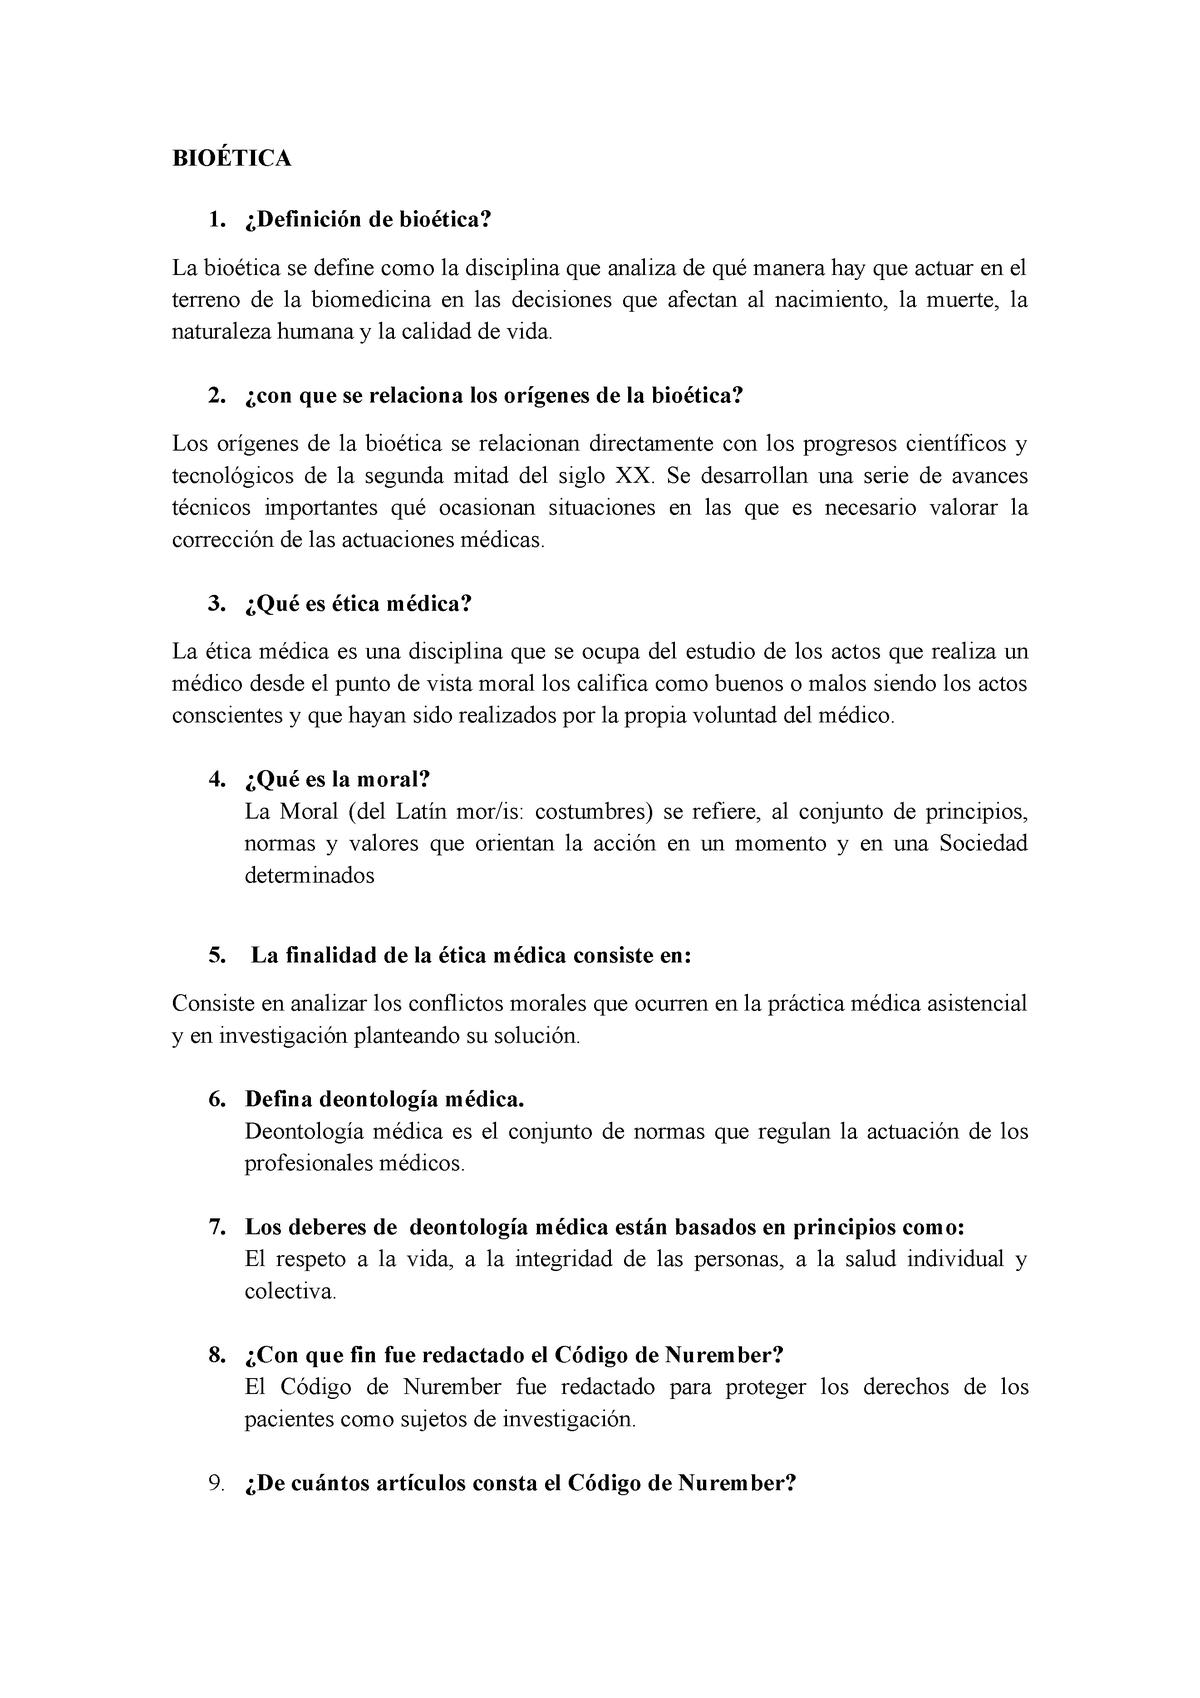 Examen 25 Febrero 2019 Preguntas Y Respuestas Studocu